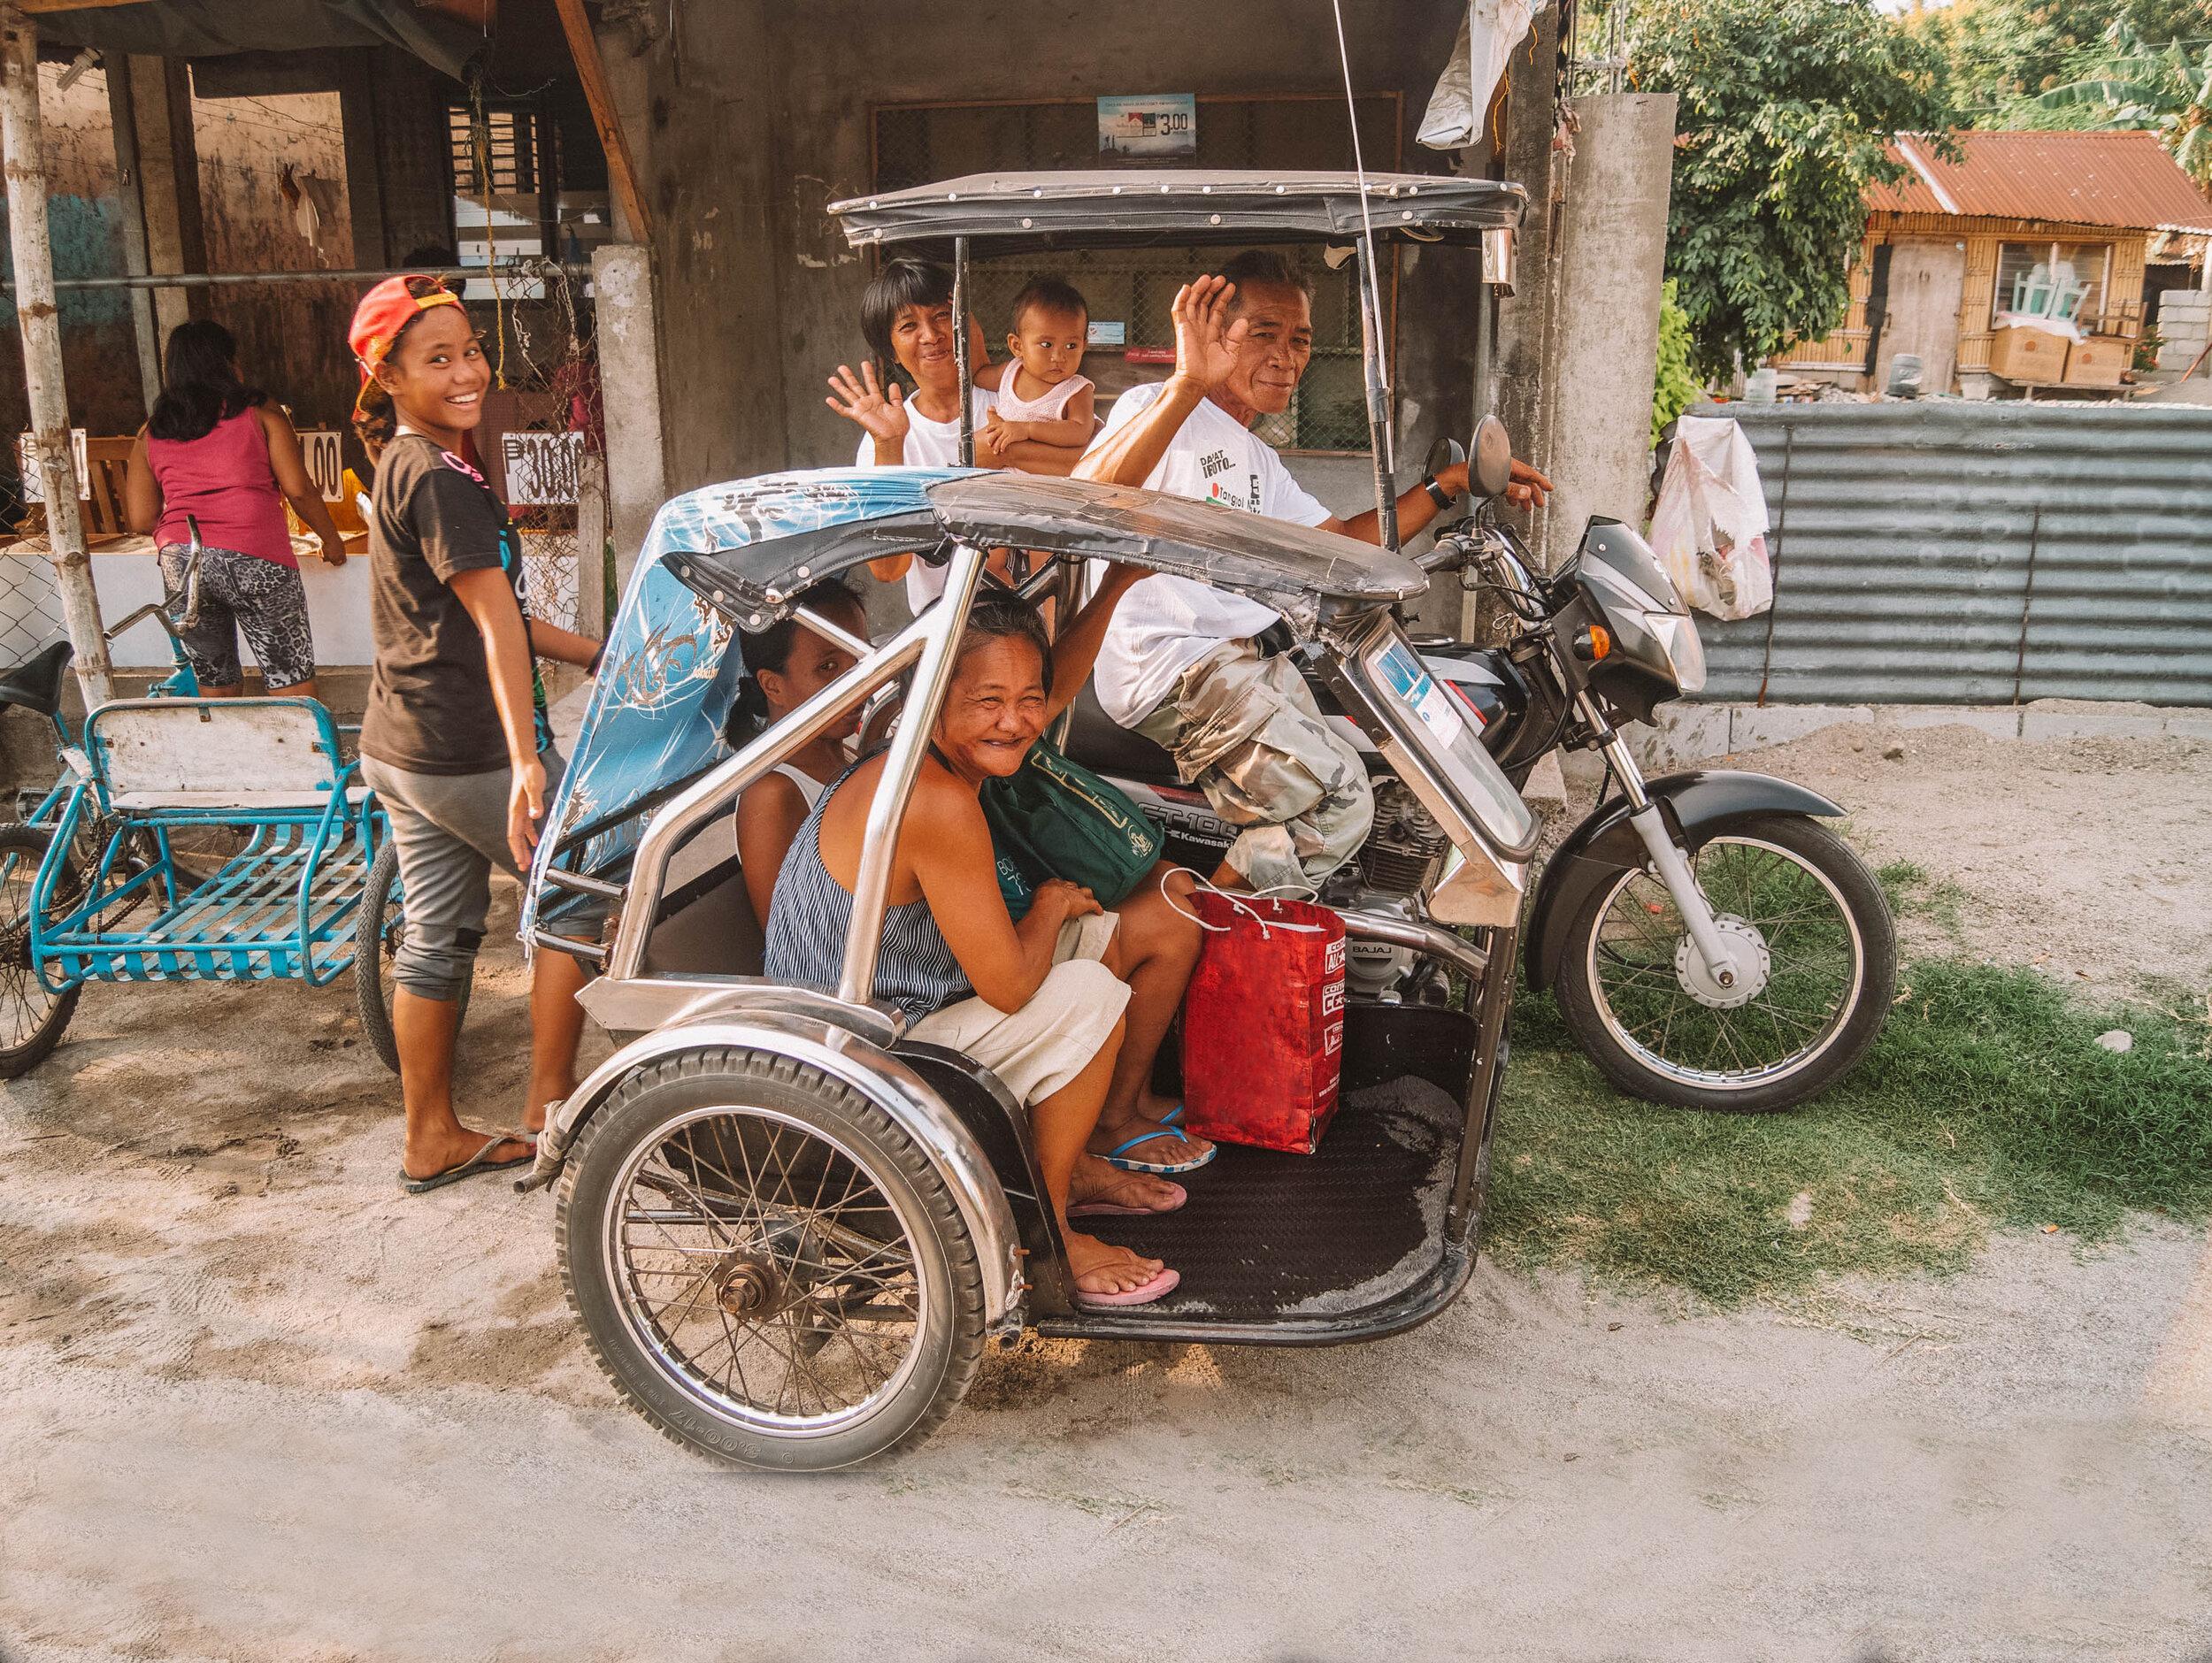 Zambales的菲律宾当地人骑着三轮车微笑着挥手